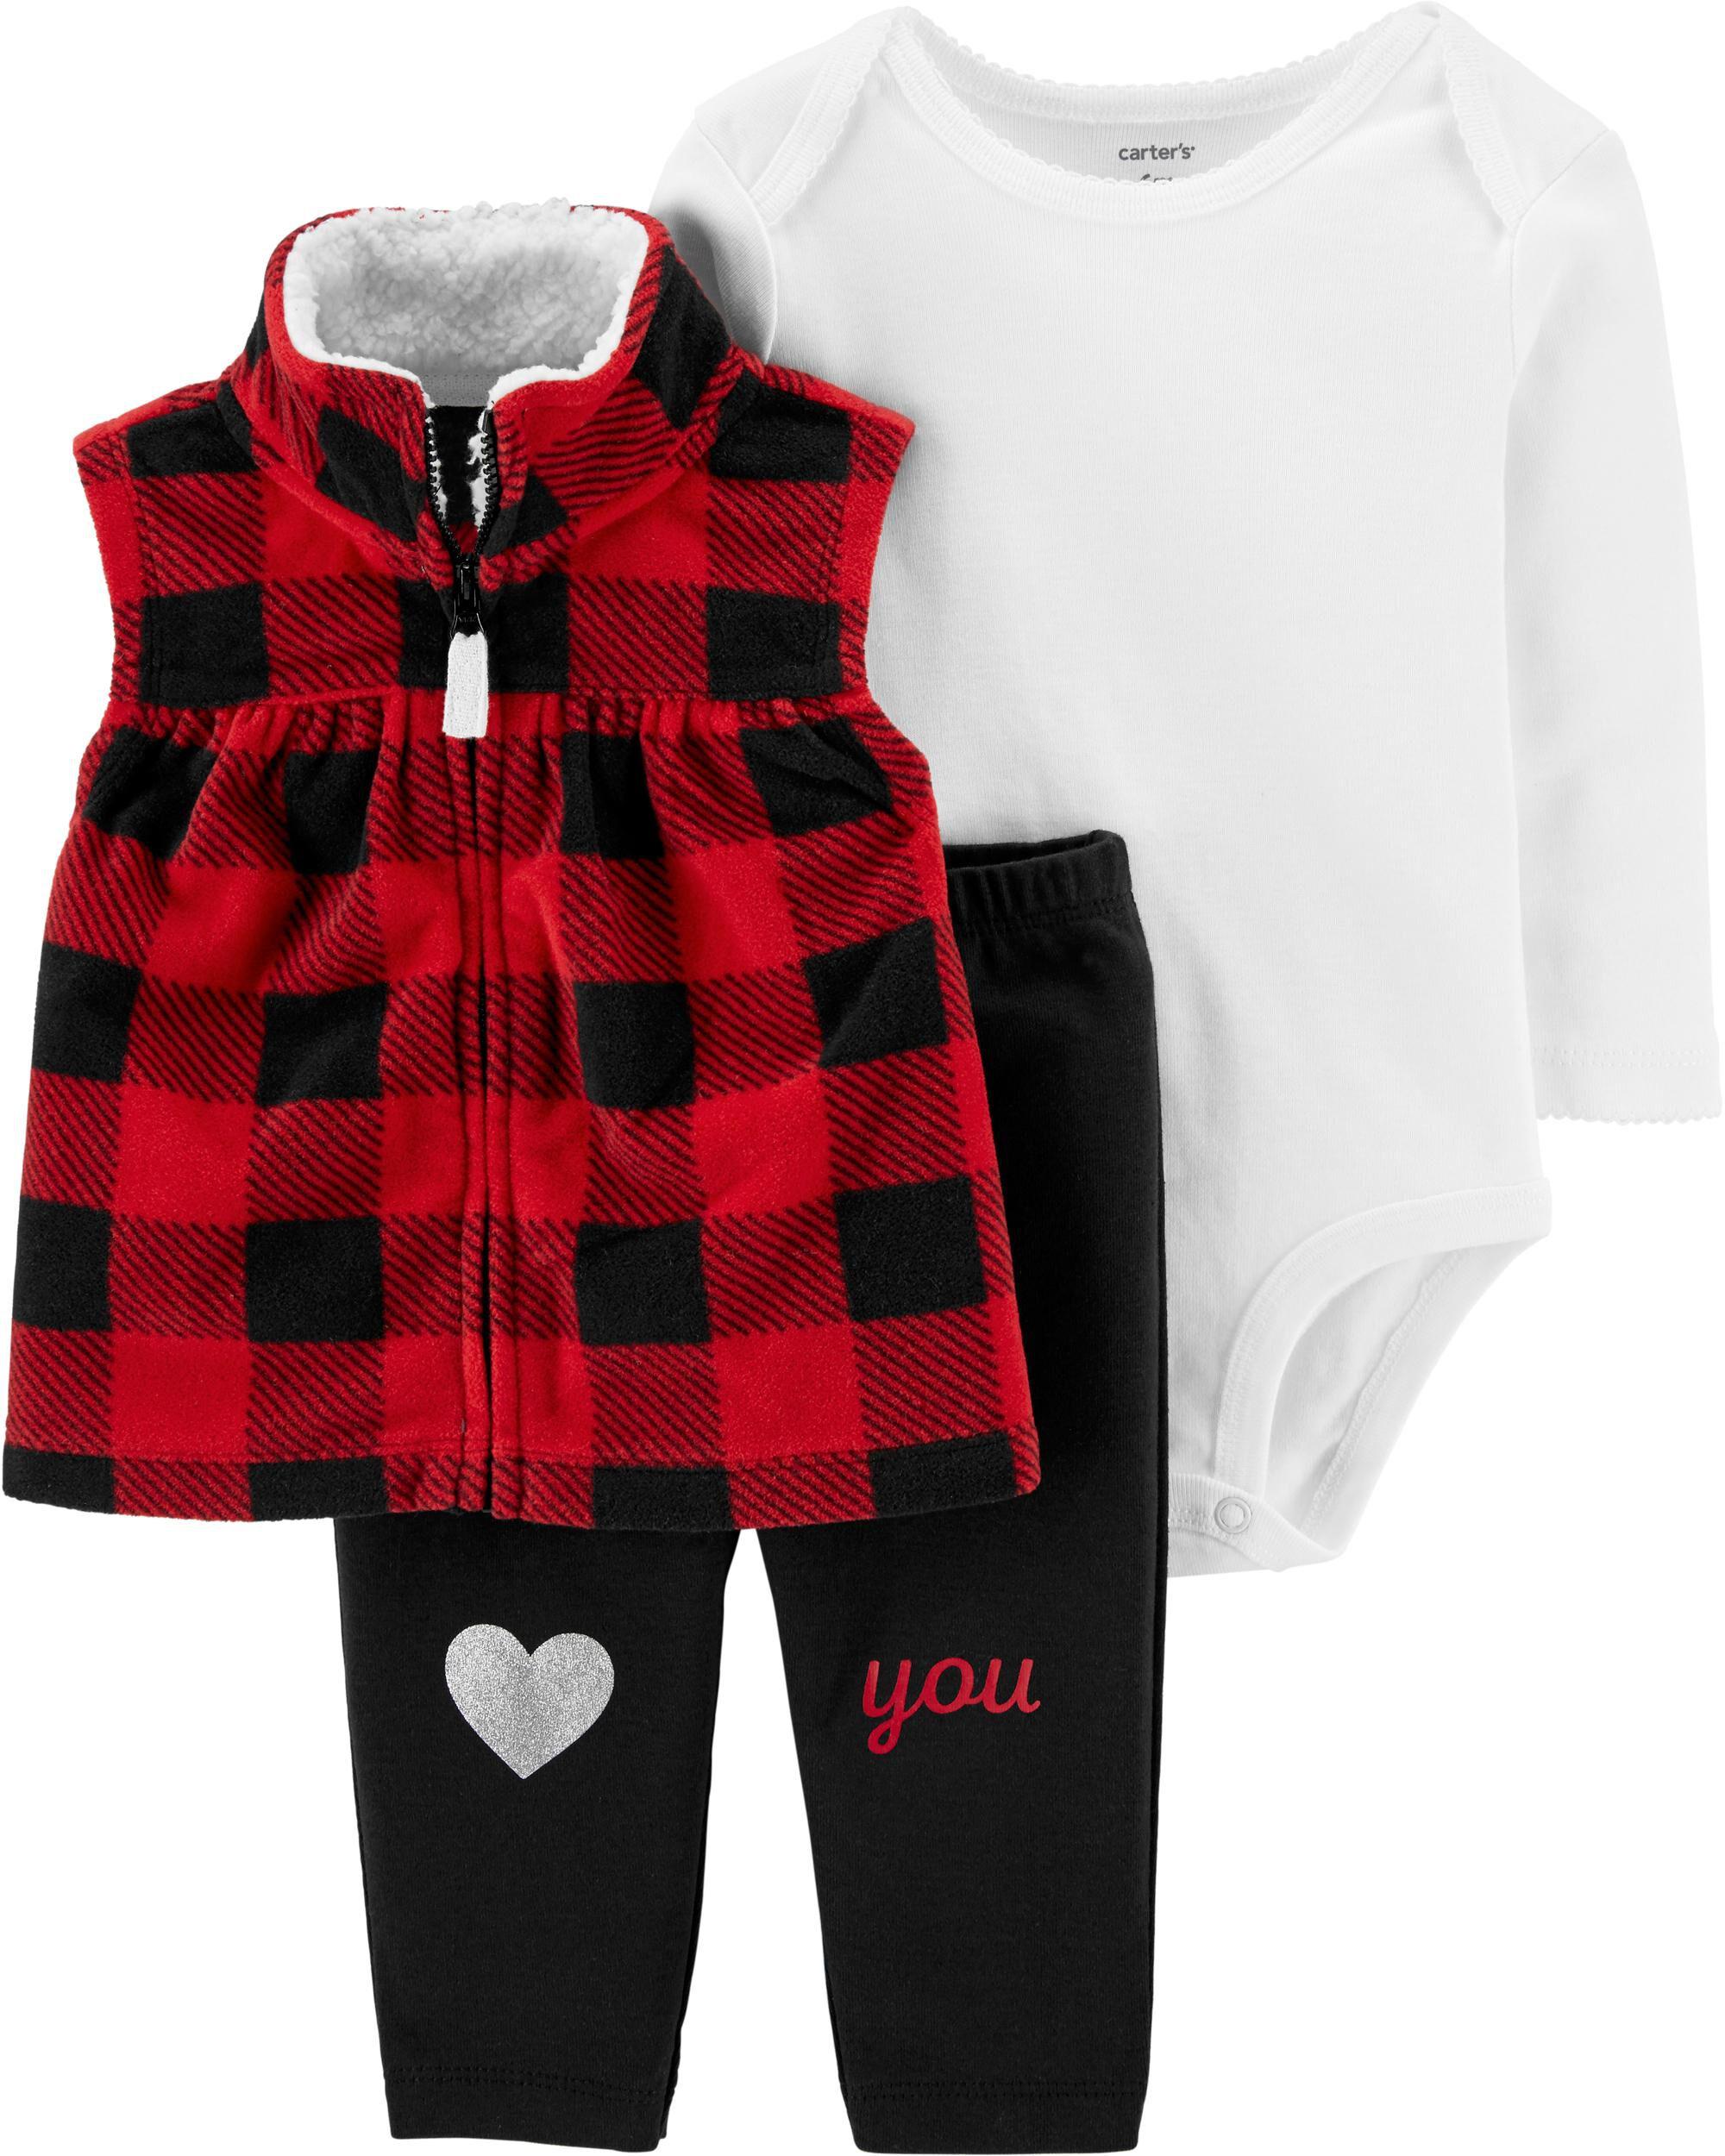 3-Piece Buffalo Check Little Vest Set